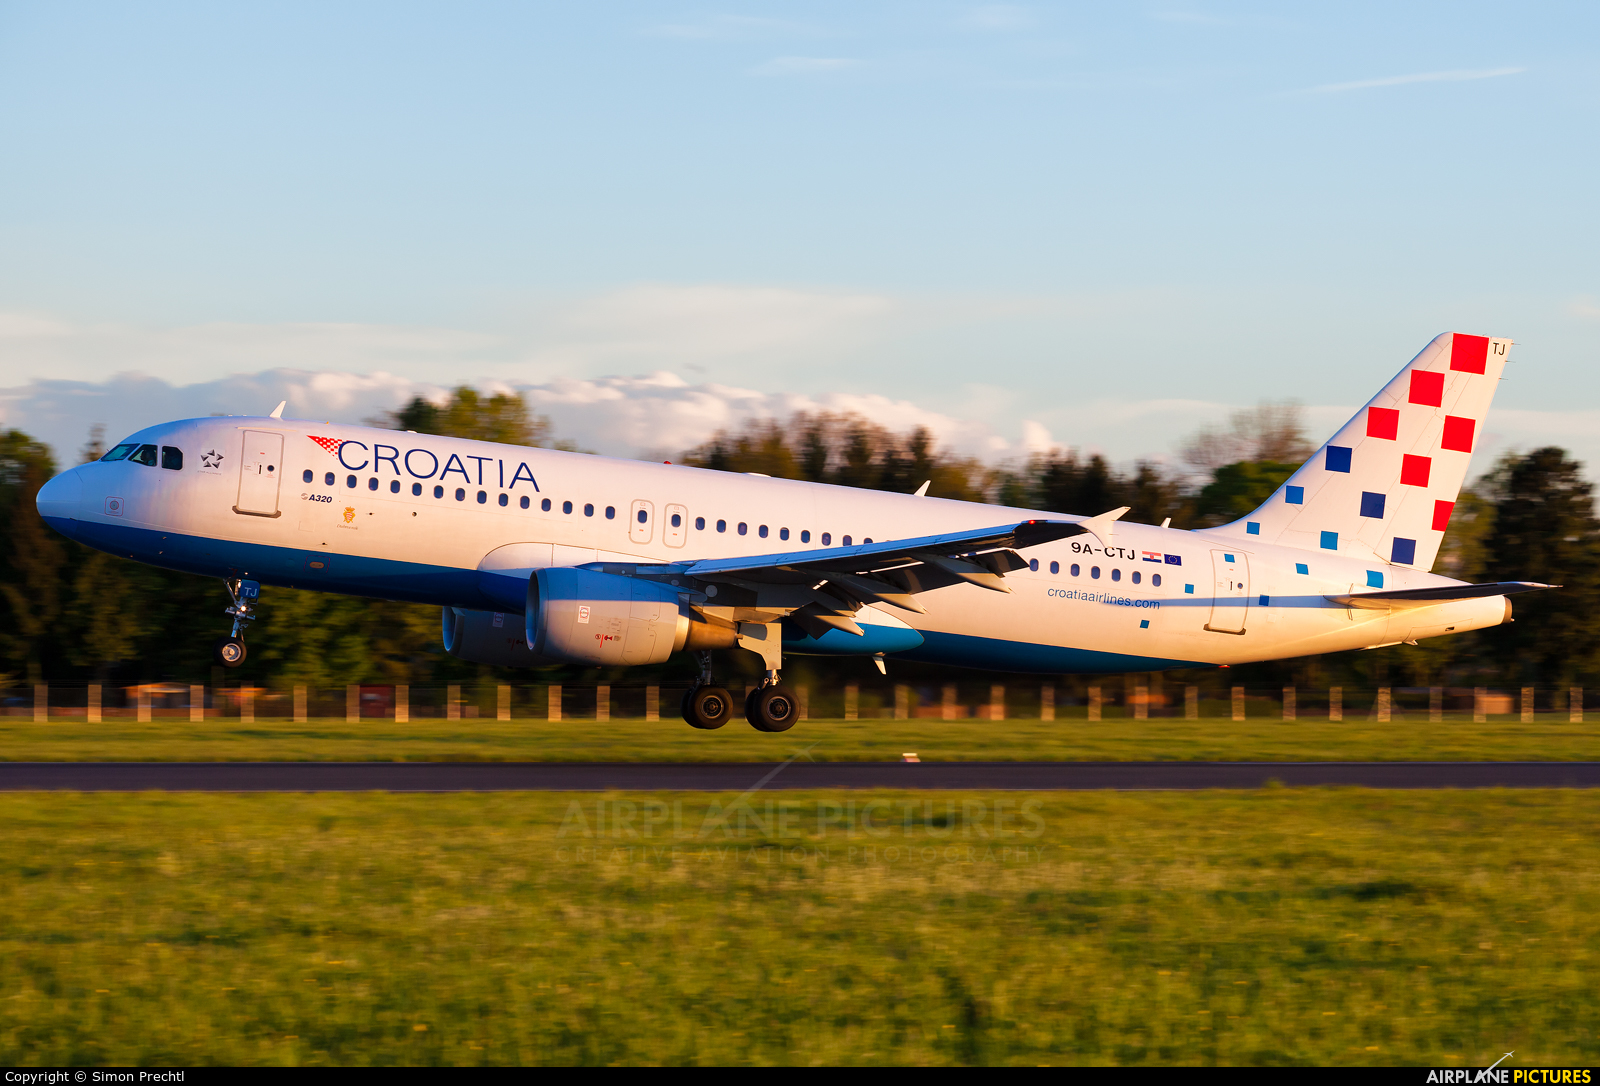 Croatia Airlines 9A-CTJ aircraft at Linz